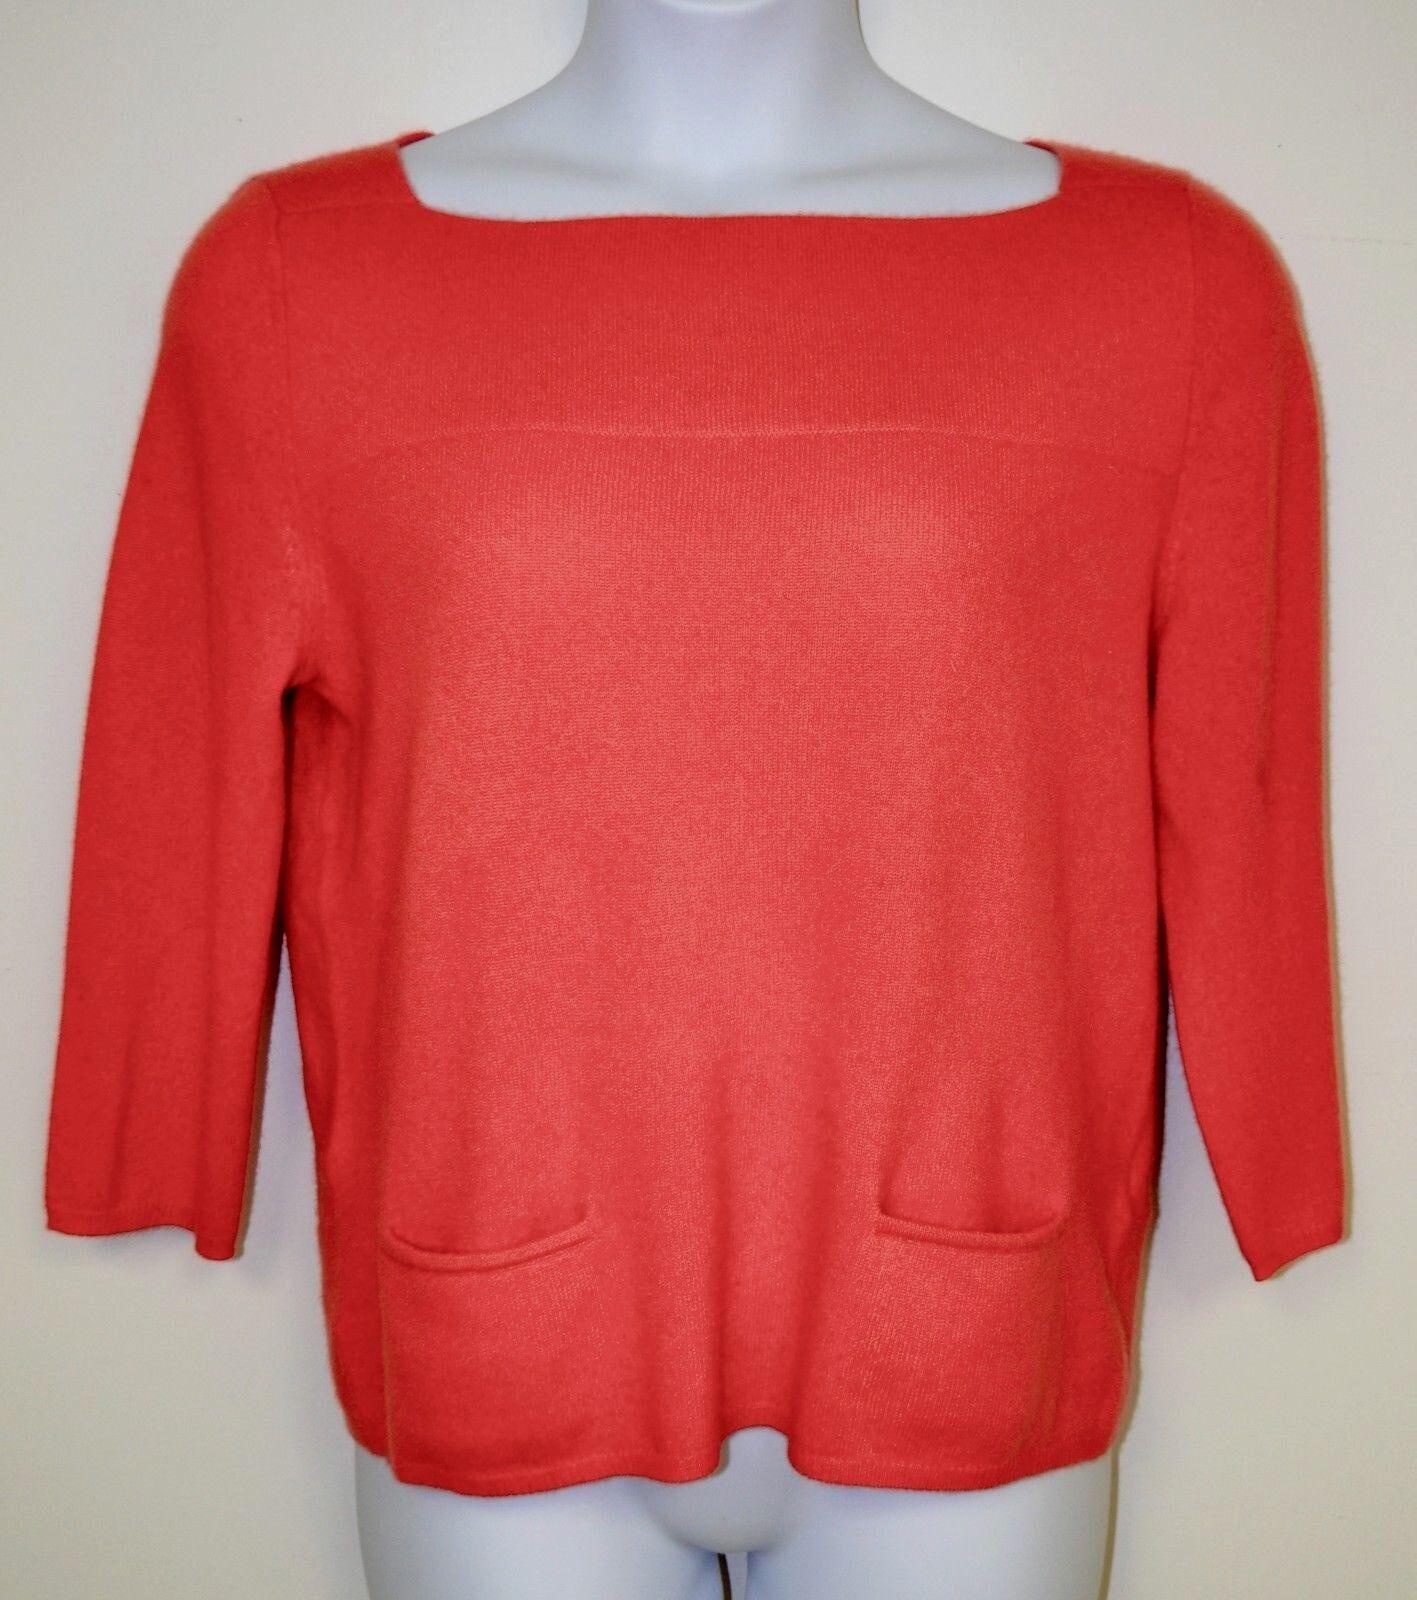 Lord & Taylor Atomare Rot Orange U U U Stiefel Ausschnitt Kaschmir Pullover Ret. 174 | Fairer Preis  ba6504